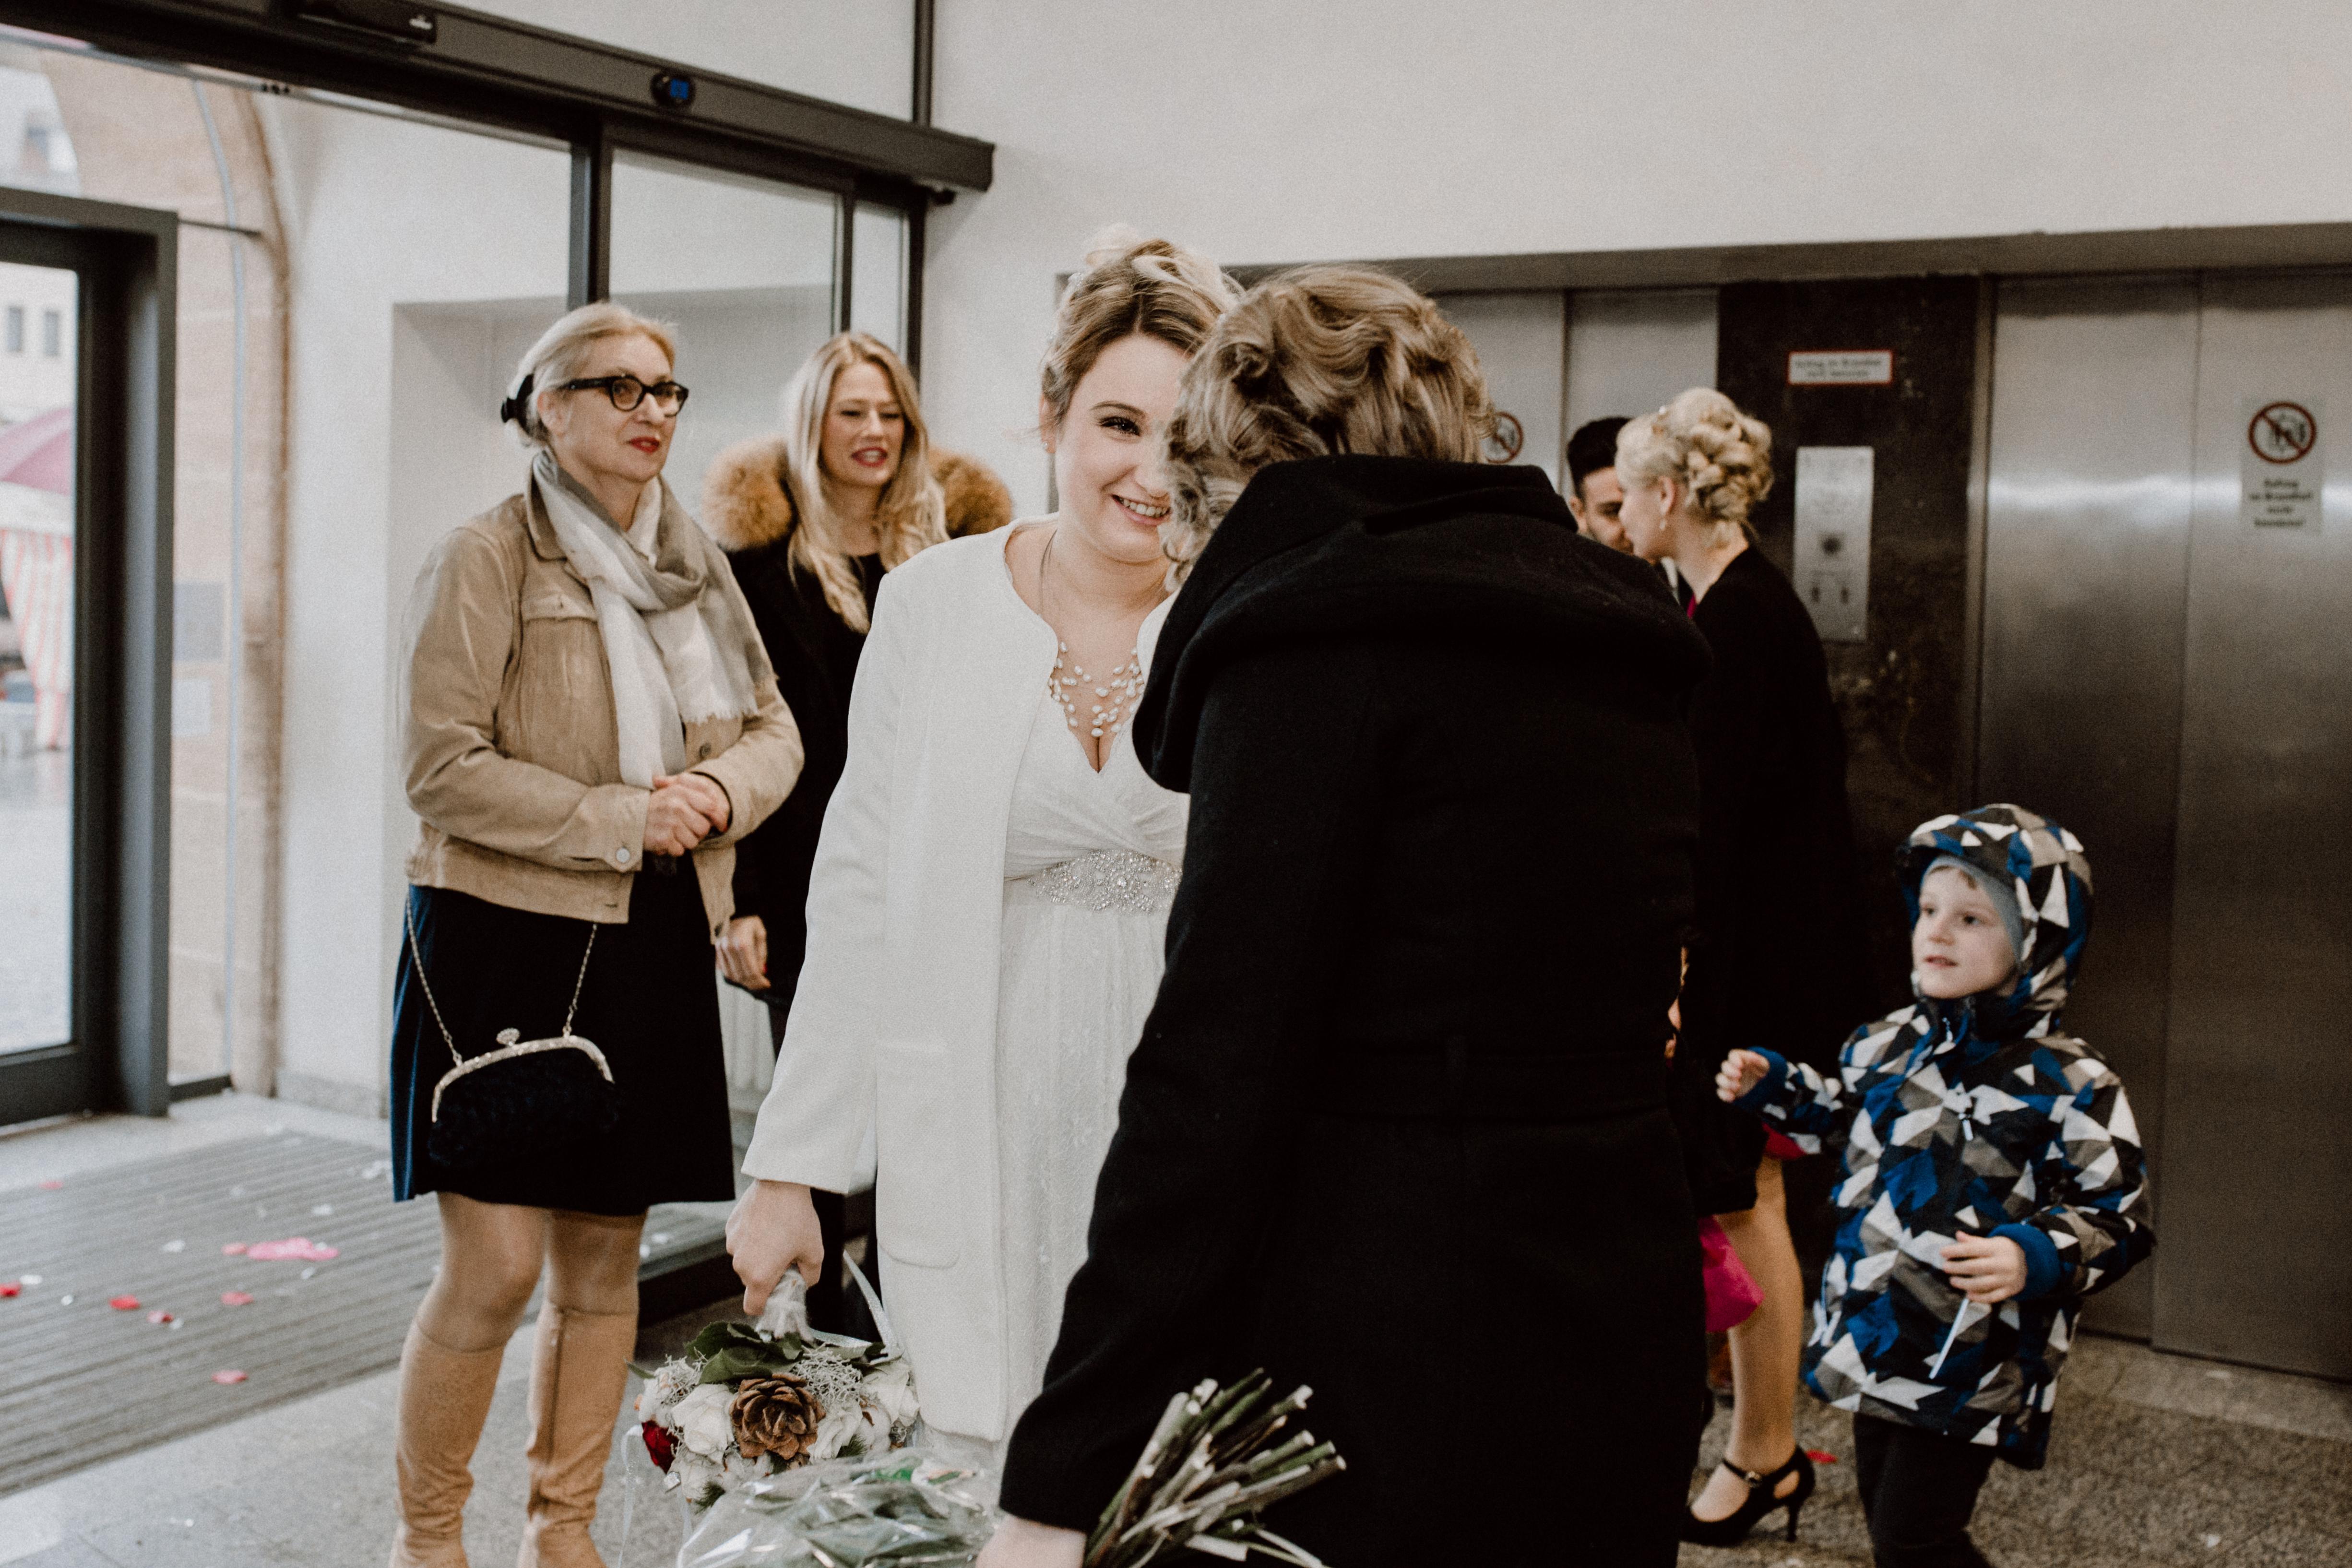 URBANERIE_Daniela_Goth_Hochzeitsfotografin_Nürnberg_Fürth_Erlangen_Schwabach_171110_0067